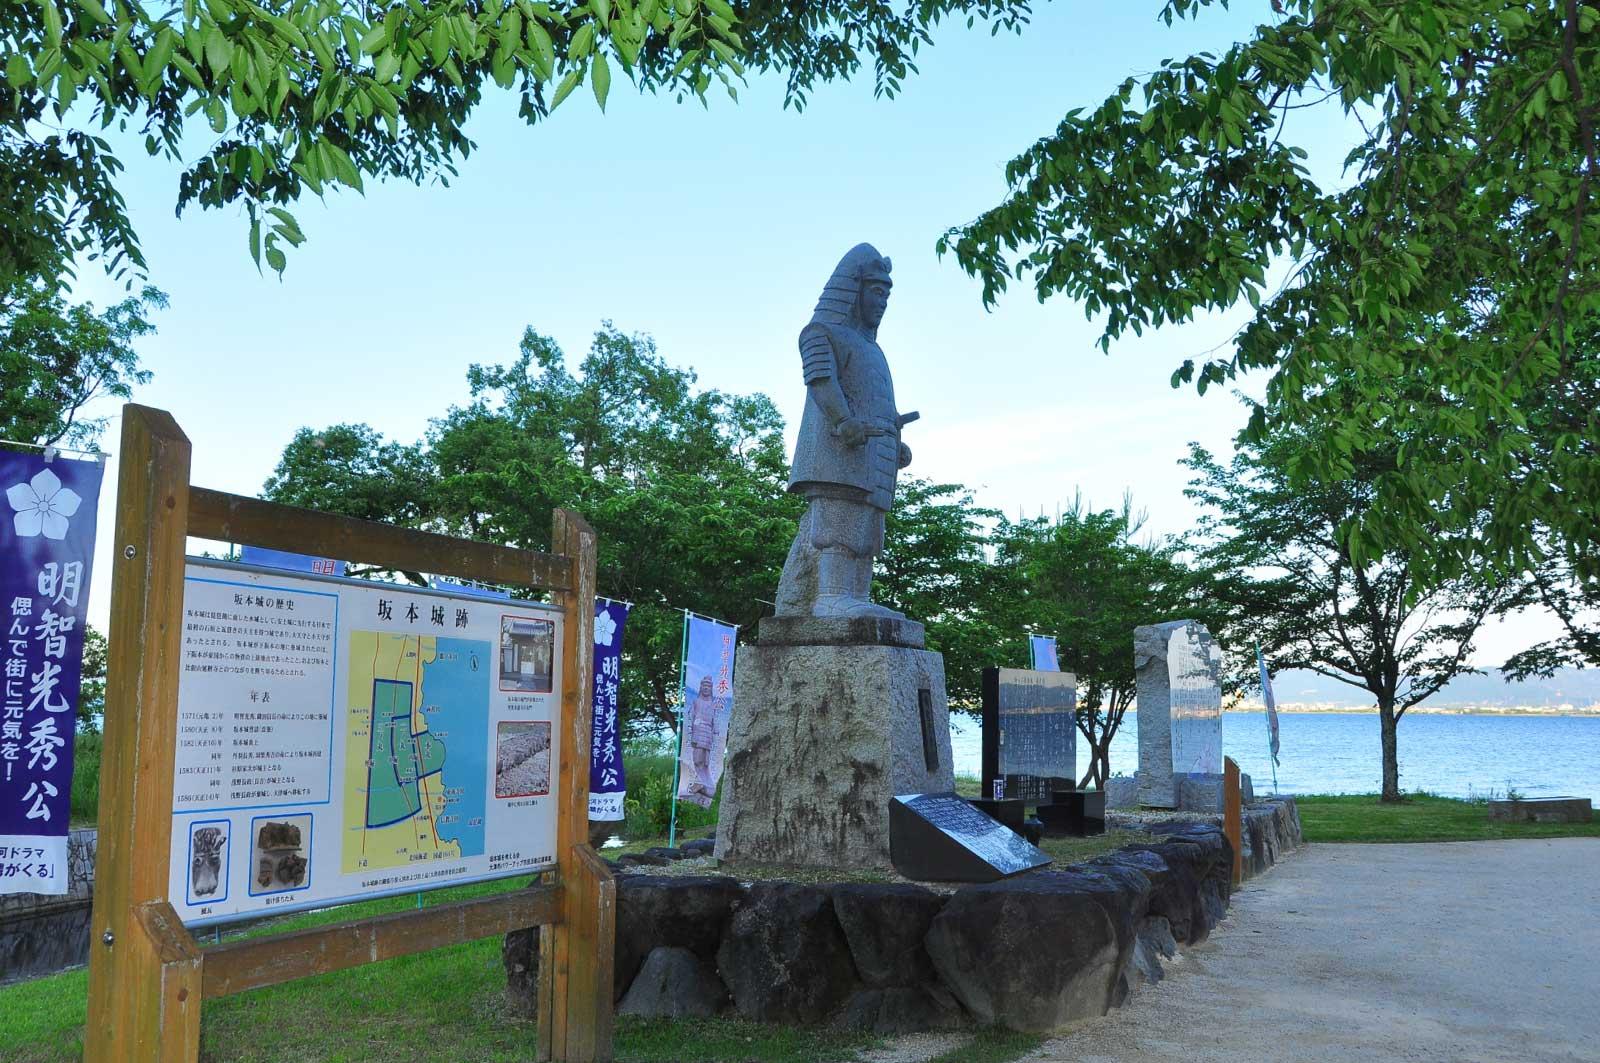 坂本城跡に建つ明智光秀像